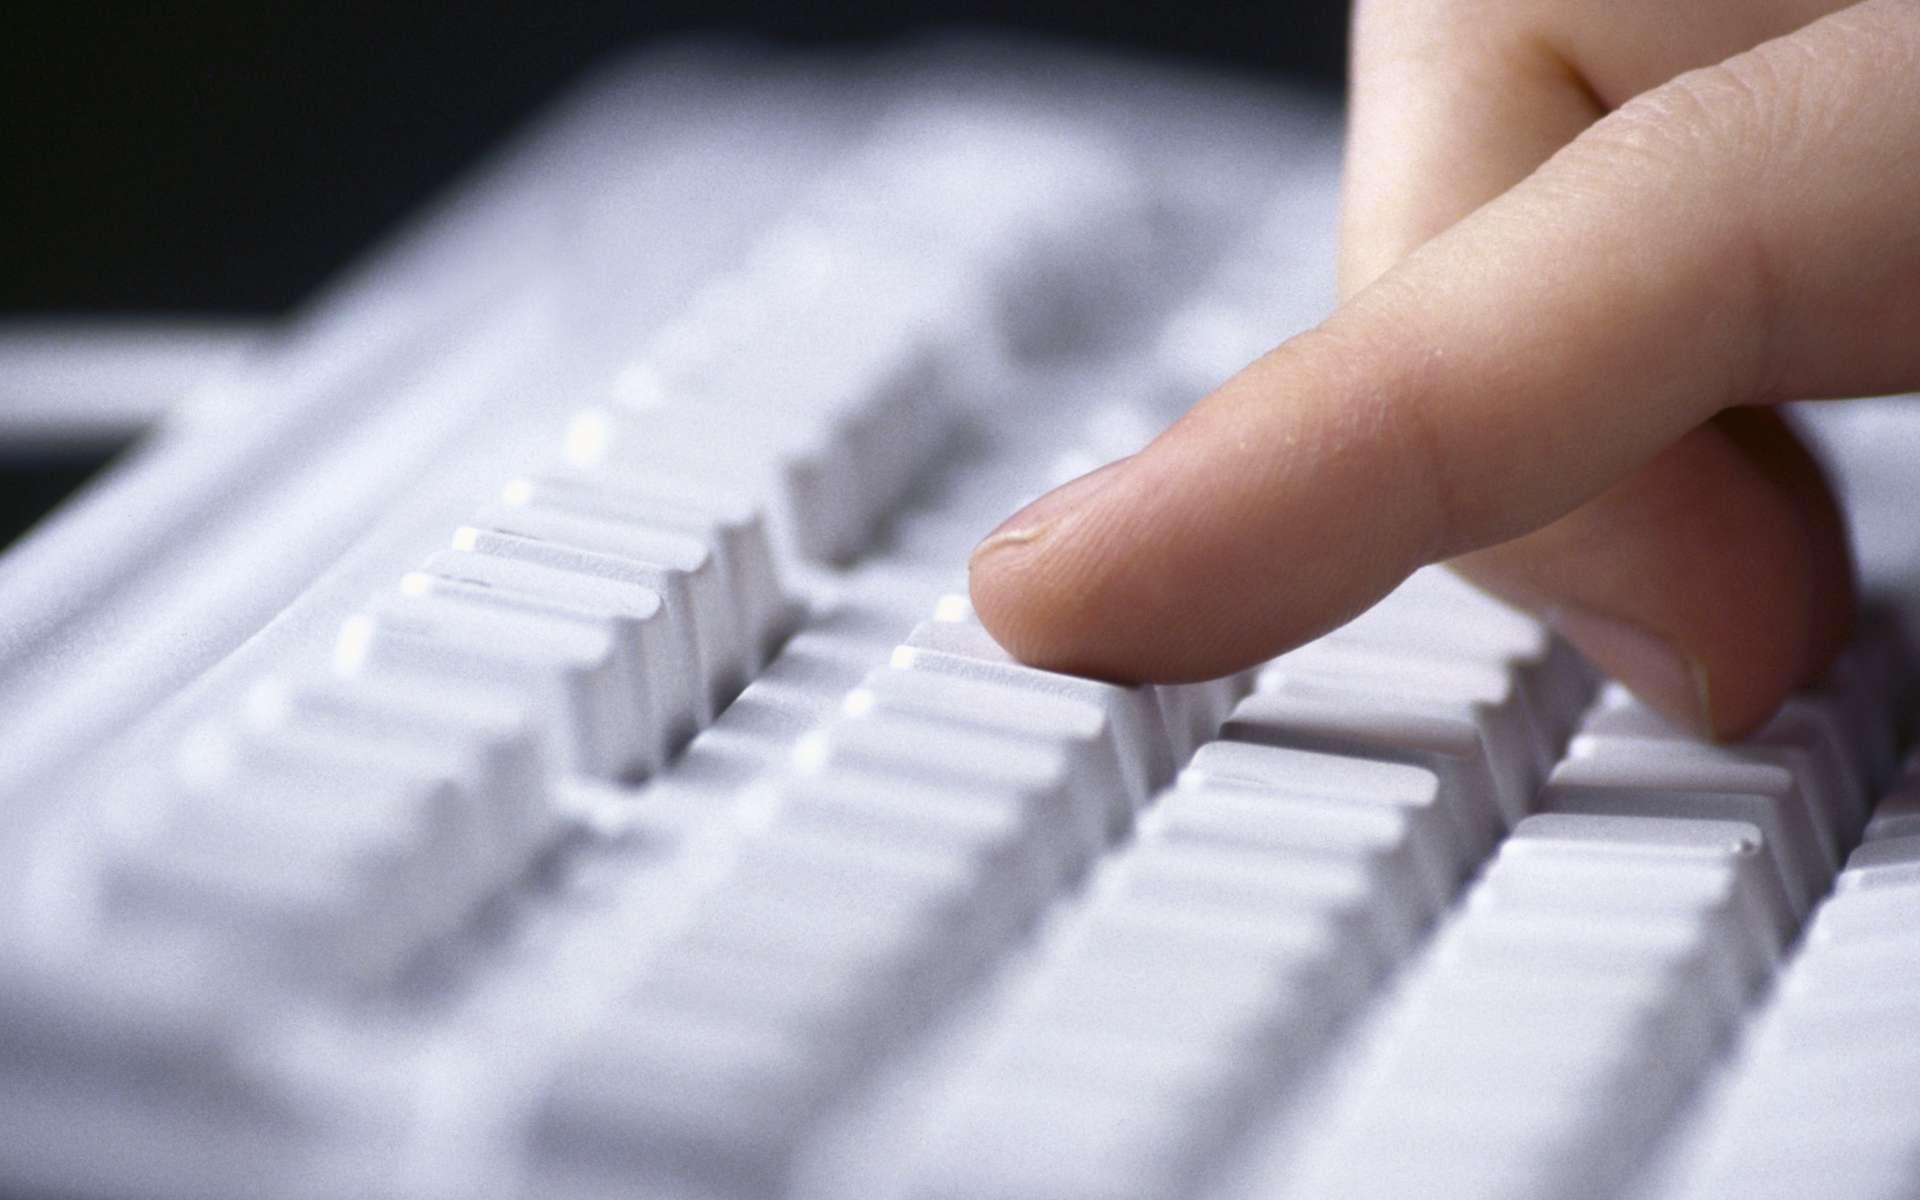 Le clavier biométrique analyse des paramètres comme la pression exercée sur chaque touche ou encore l'intervalle entre les frappes. Autant d'éléments qui sont propres à la manière dont une personne tape sur un clavier et qui servent à l'identifier. © DR